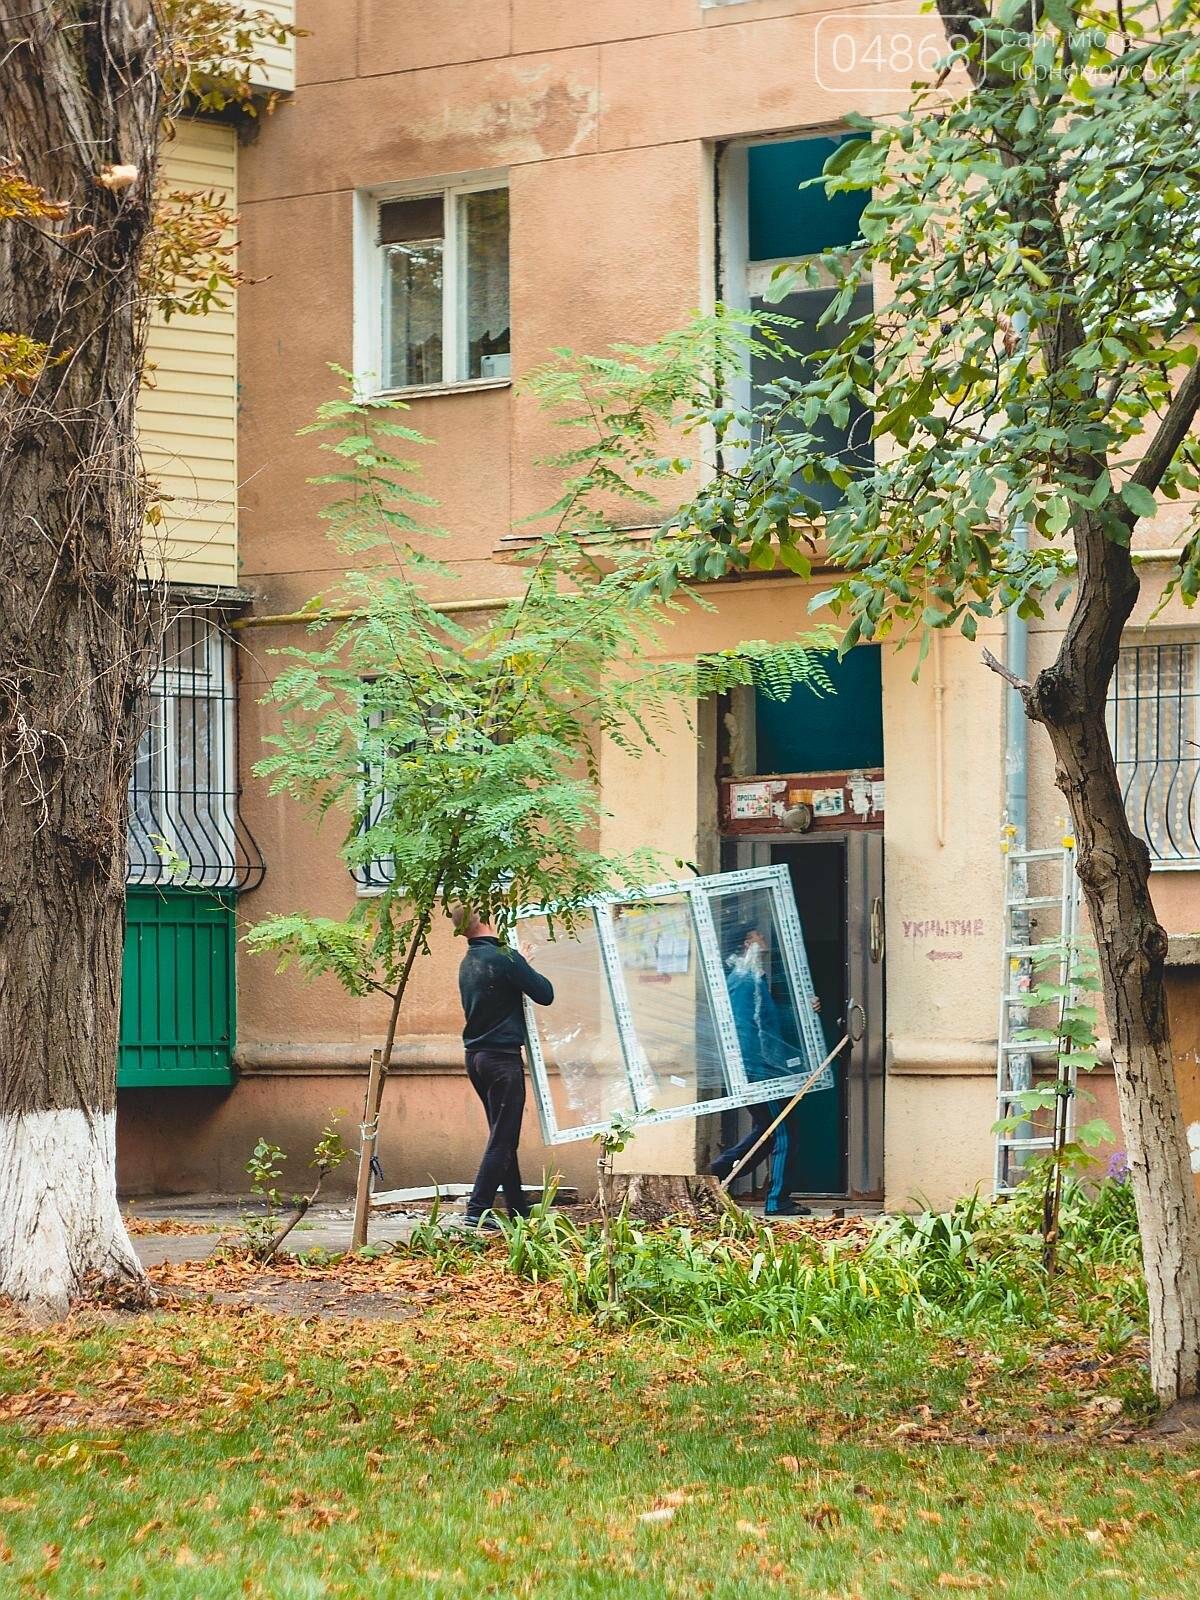 За счёт бюджета Черноморска производится замена окон в подъездах, фото-5